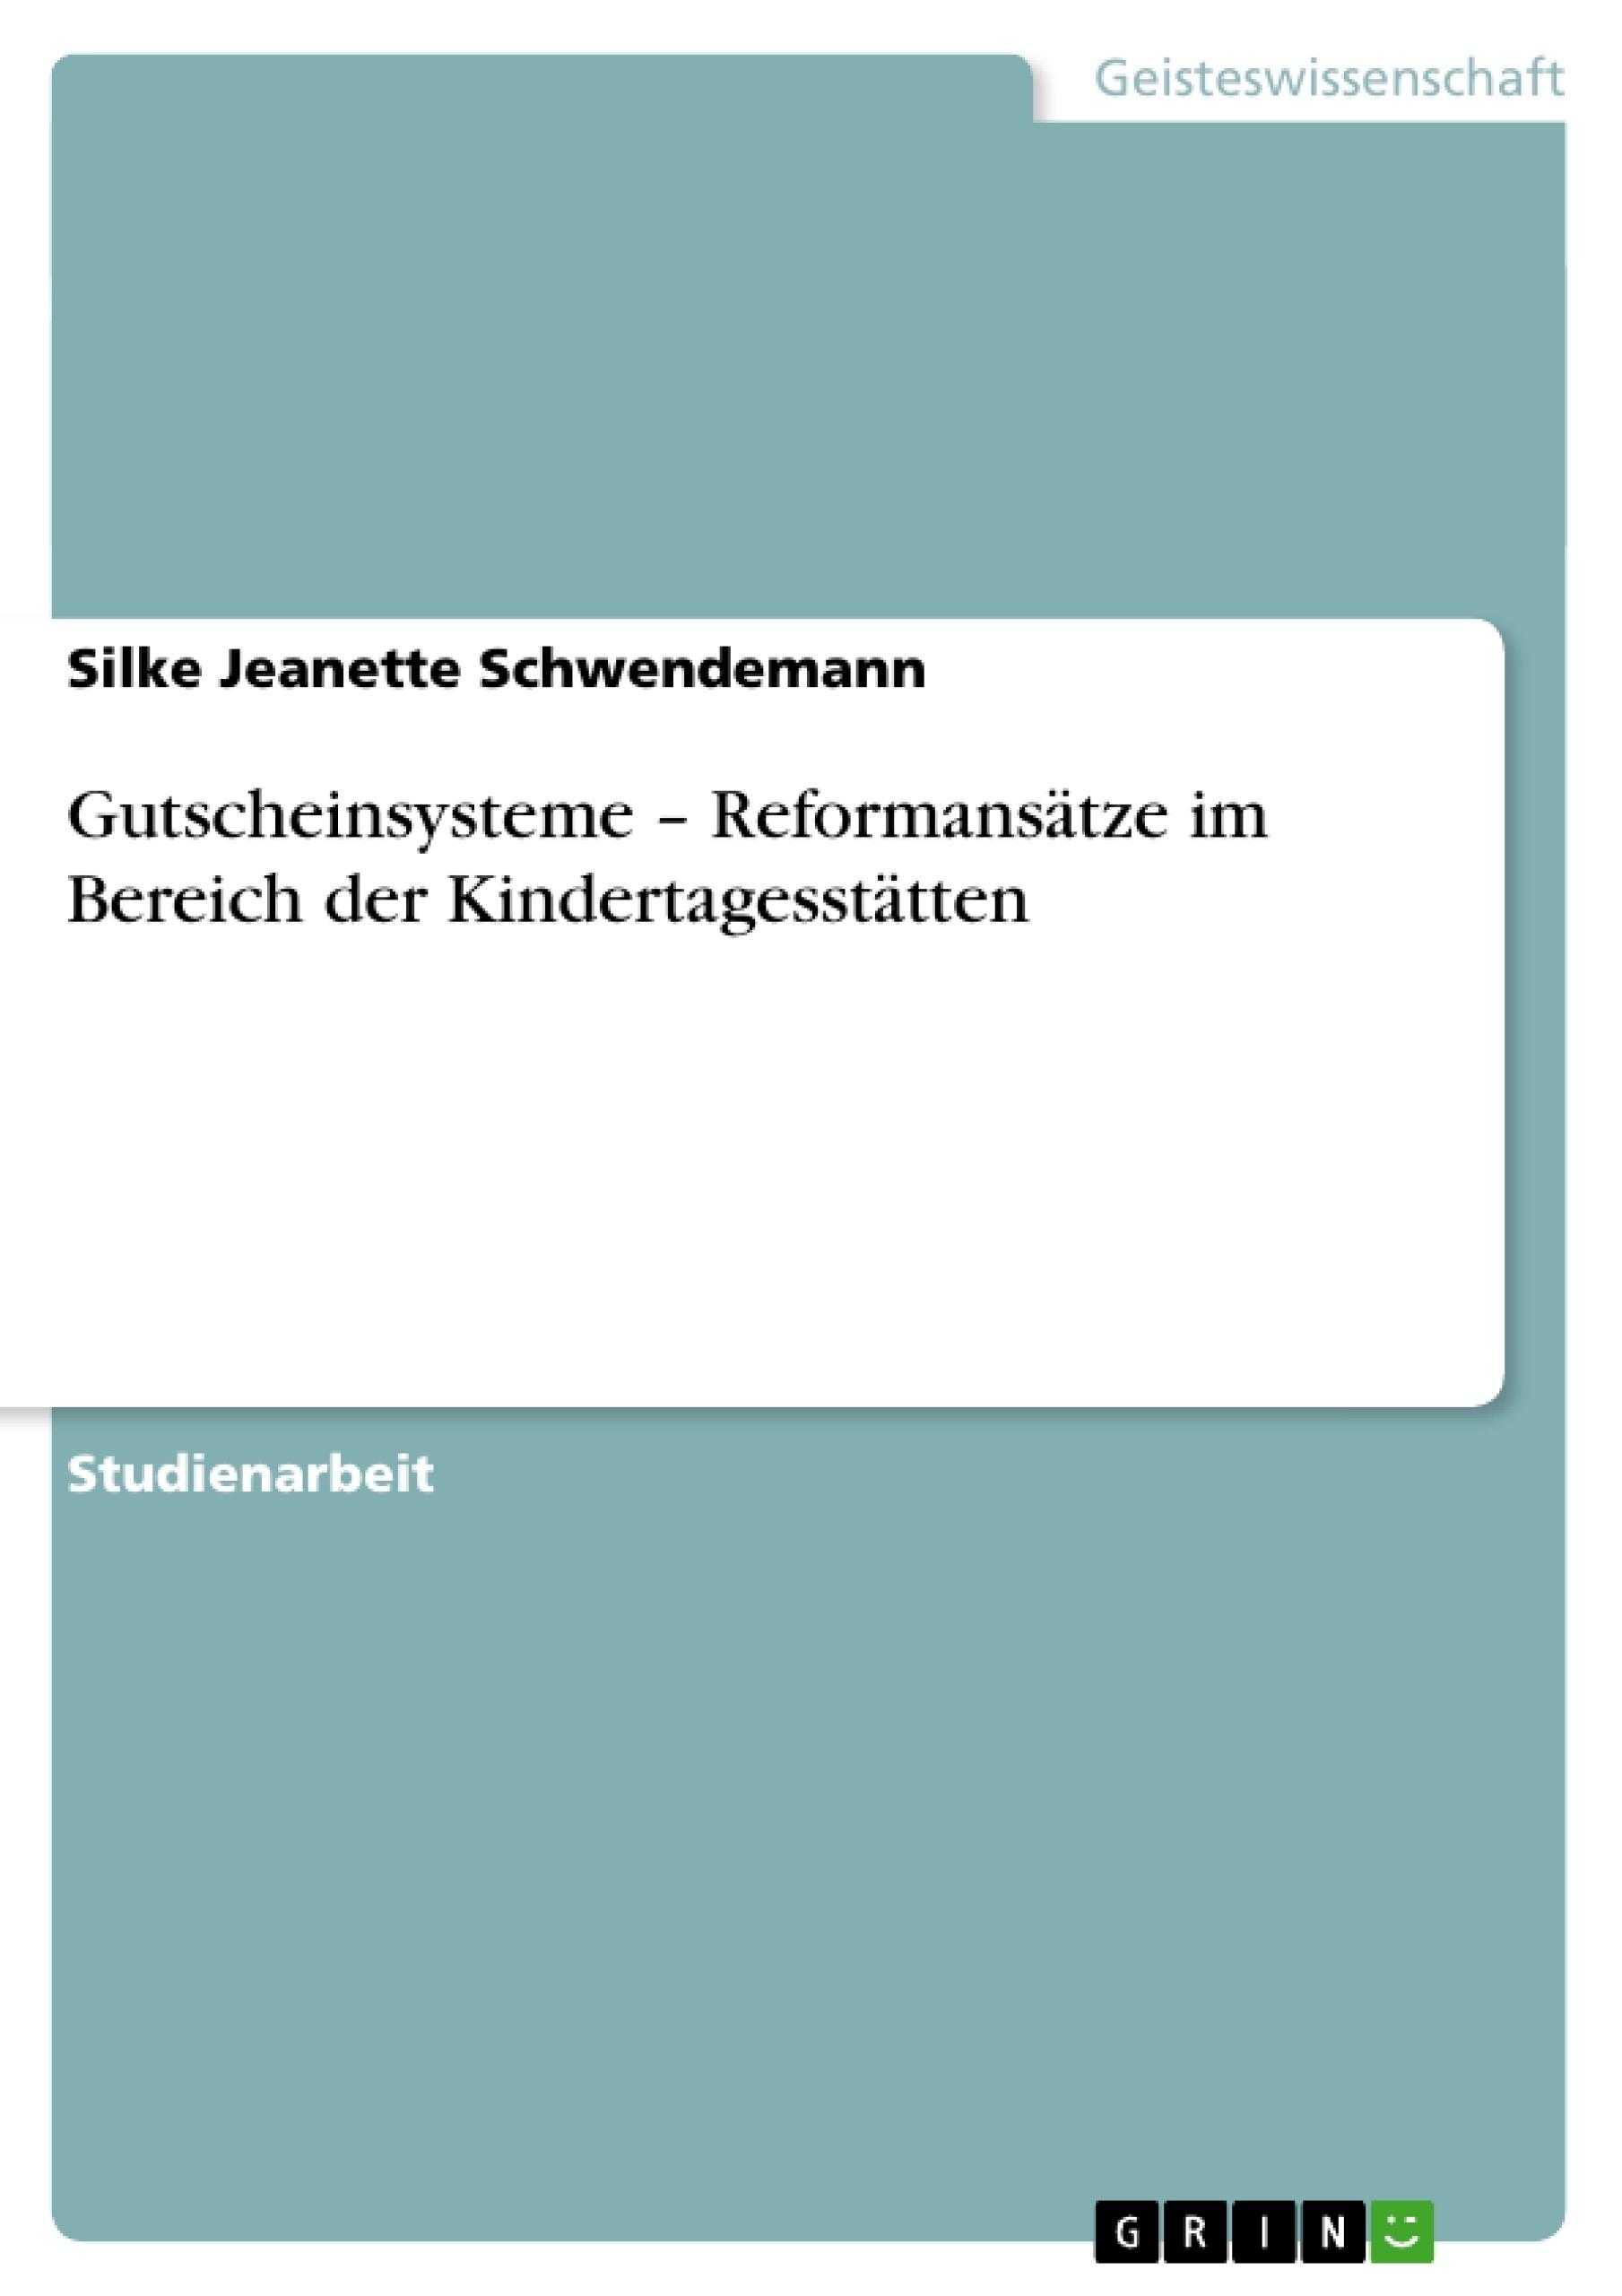 Titel: Gutscheinsysteme – Reformansätze im Bereich der Kindertagesstätten